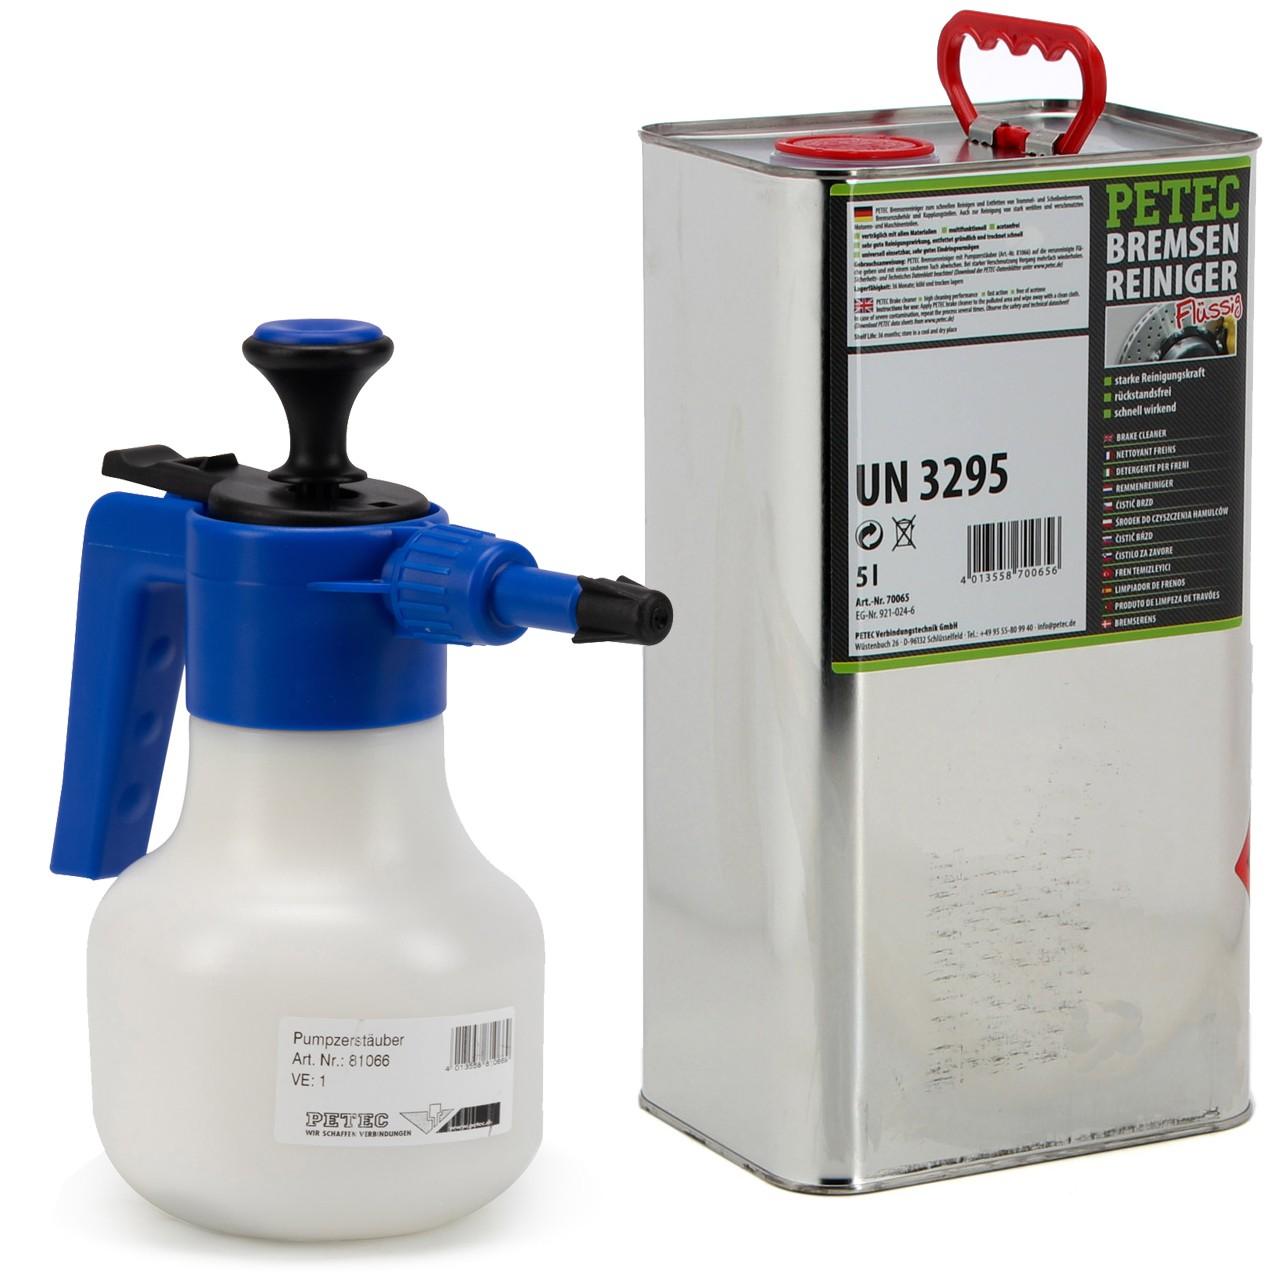 PETEC Bremsenreiniger Montagereiniger 5 Liter + PETEC Druckpumpflasche 1 LITER